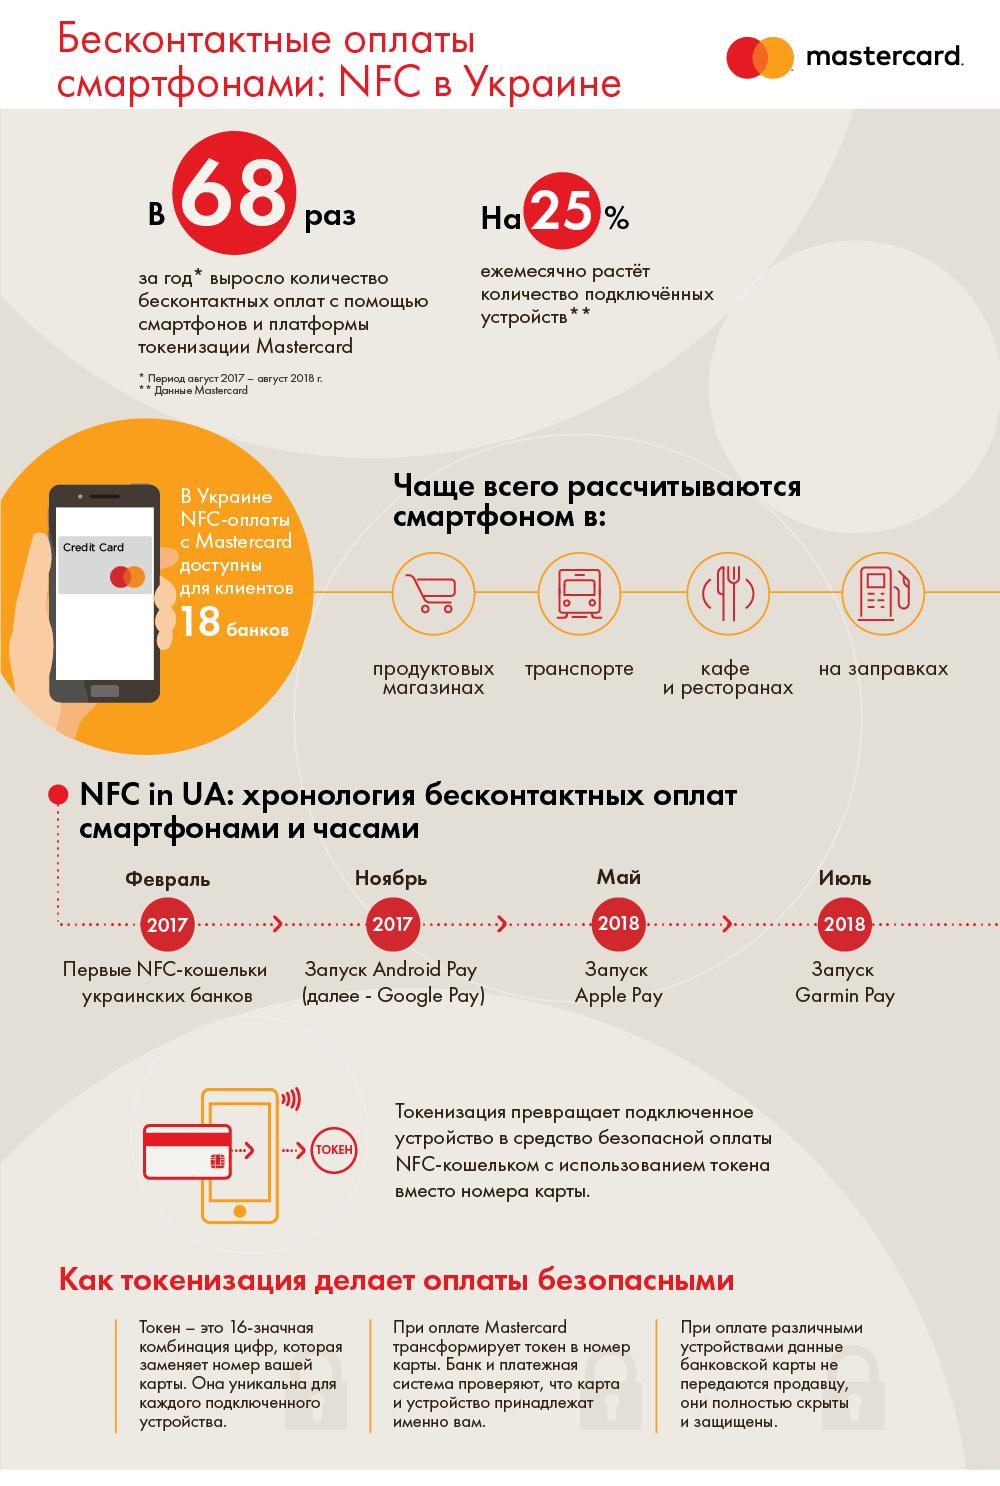 Инфографика, как часто и где пользуются смартфонами для оплаты услуг и товаров в Украине